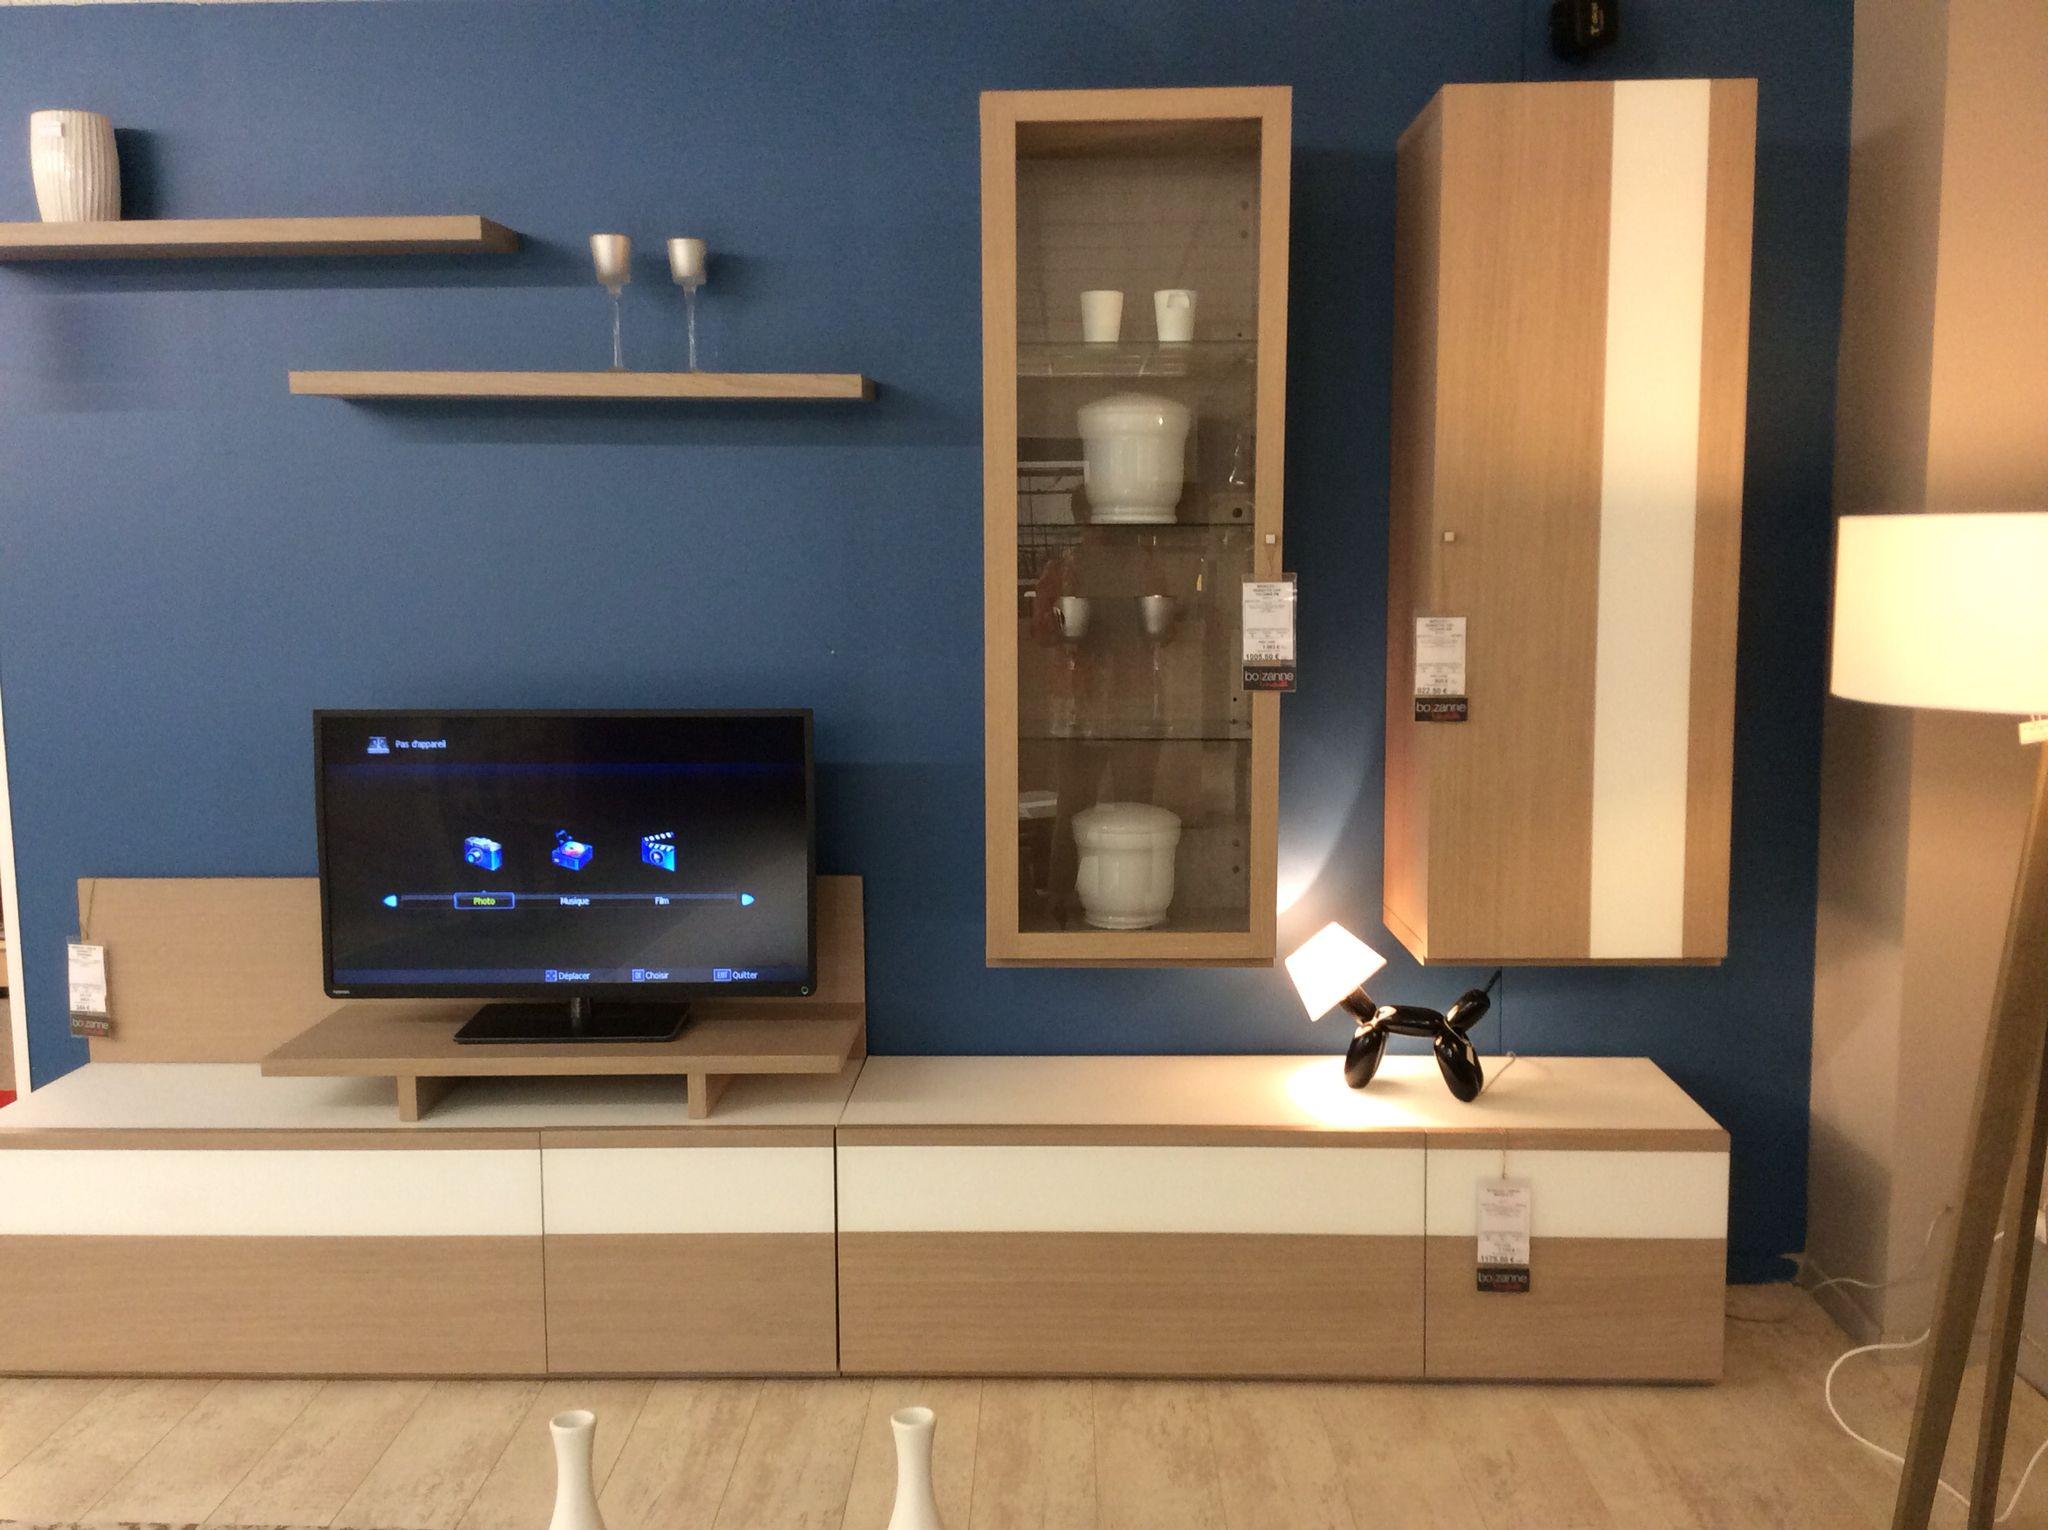 Modul o univers tv meubles ernest m nard fabriqu en bretagne ernest des meubles n s en - Meuble ernest menard occasion ...